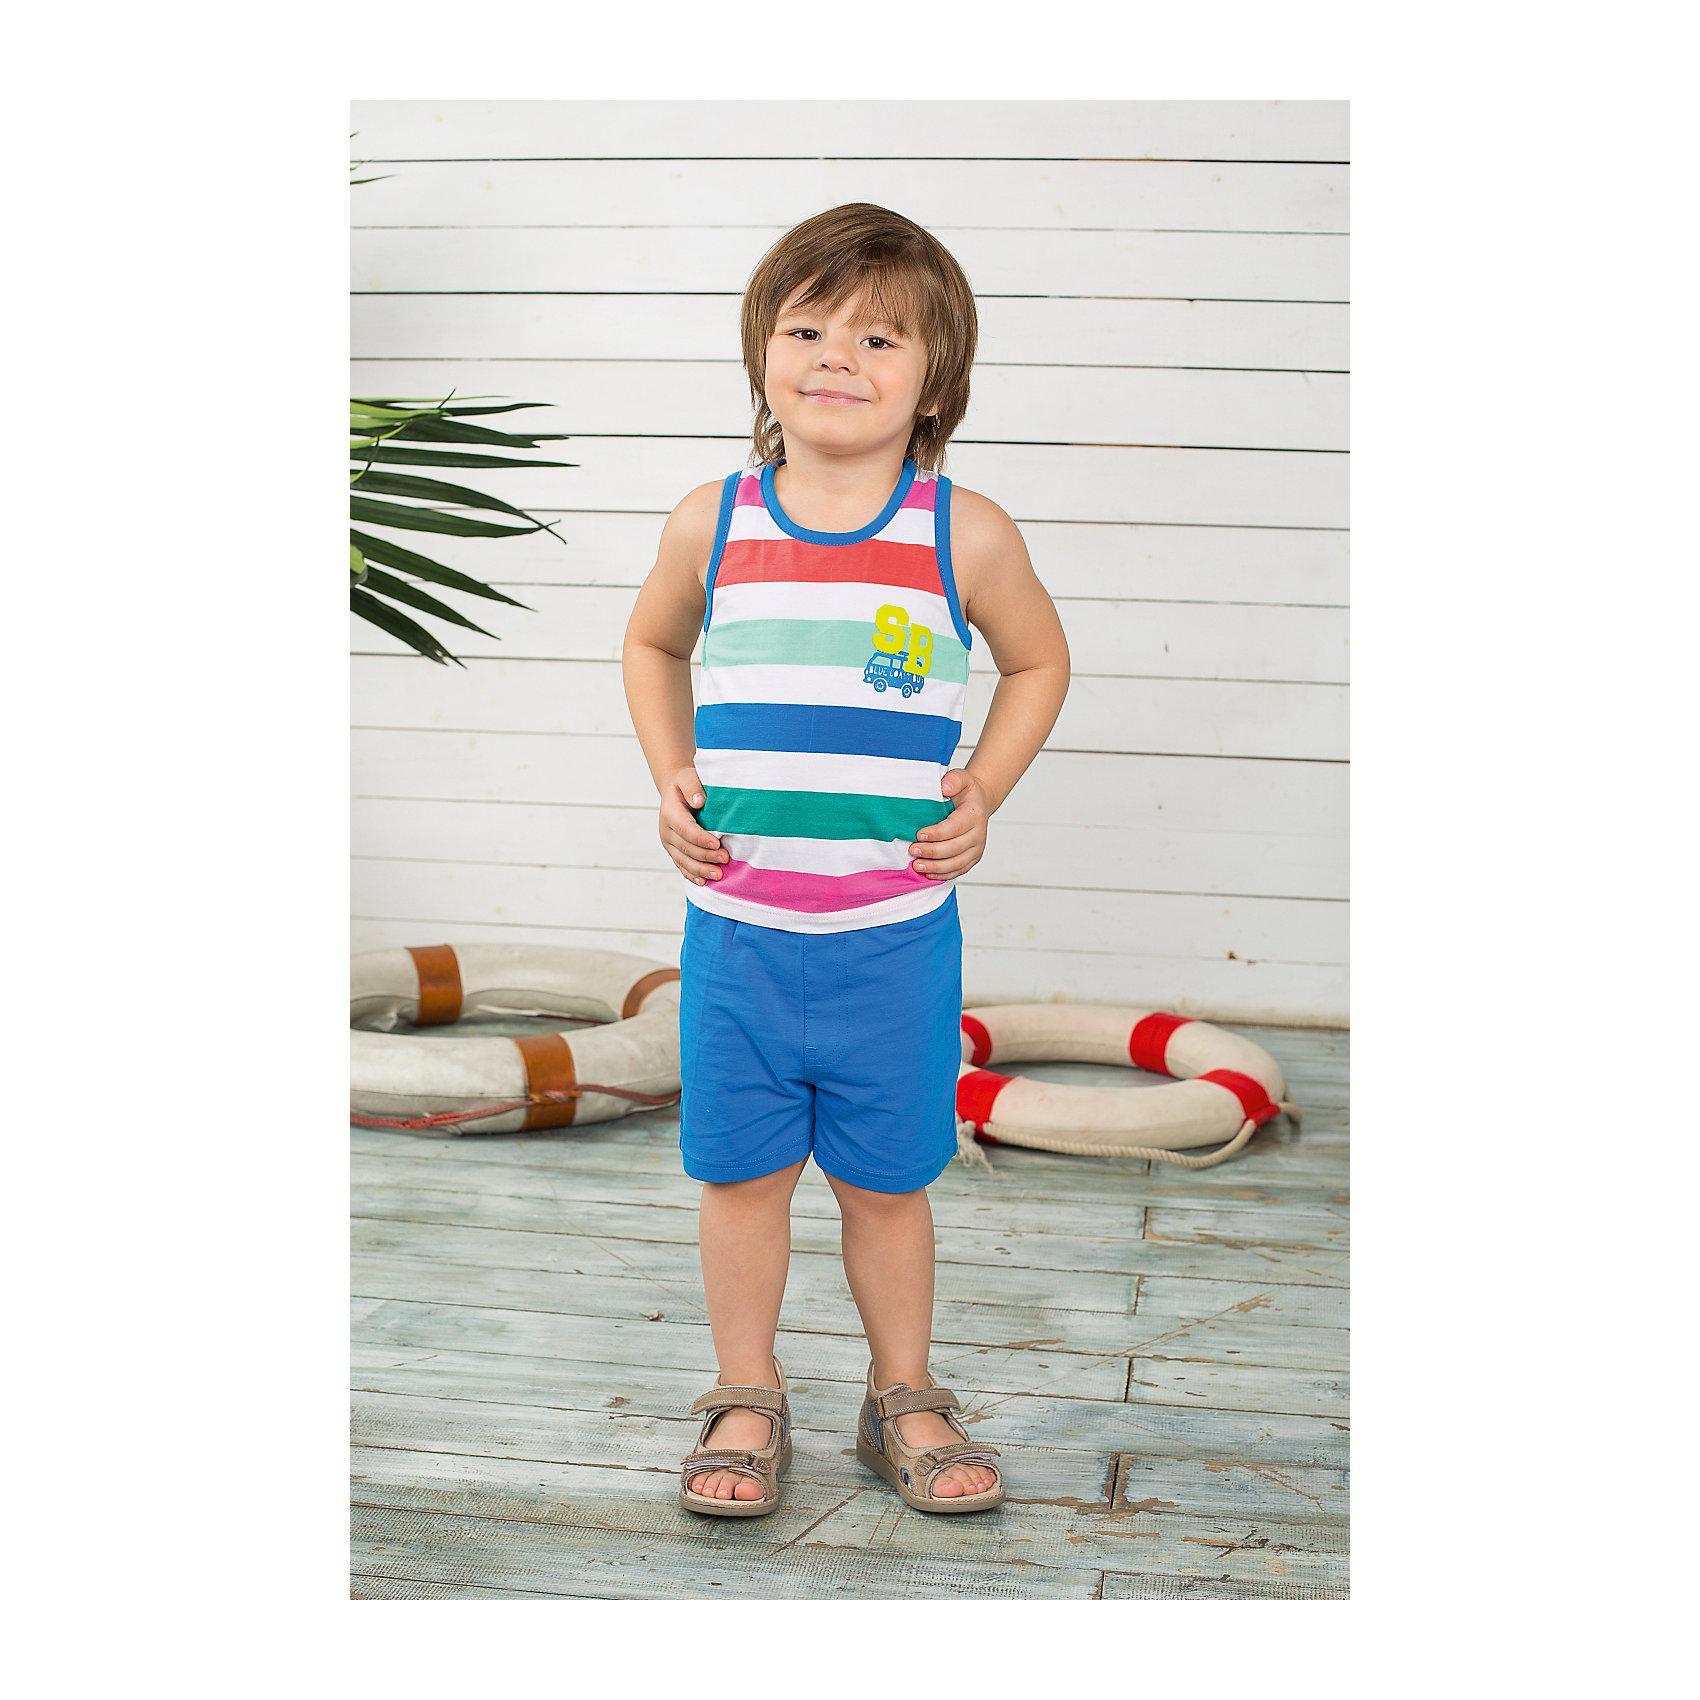 Комплект для мальчика: майка и шорты Sweet BerryКомплекты<br>Комплект майка и шорты для мальчика. Шорты из тонкого трикотажа, на эластичном поясе с внутренней резинкой и дополнительным хлопковым шнурком. Майка украшена принтом.<br>Состав:<br>95% хлопок 5% эластан<br><br>Ширина мм: 199<br>Глубина мм: 10<br>Высота мм: 161<br>Вес г: 151<br>Цвет: синий<br>Возраст от месяцев: 9<br>Возраст до месяцев: 12<br>Пол: Мужской<br>Возраст: Детский<br>Размер: 80,92,86,98<br>SKU: 4522482